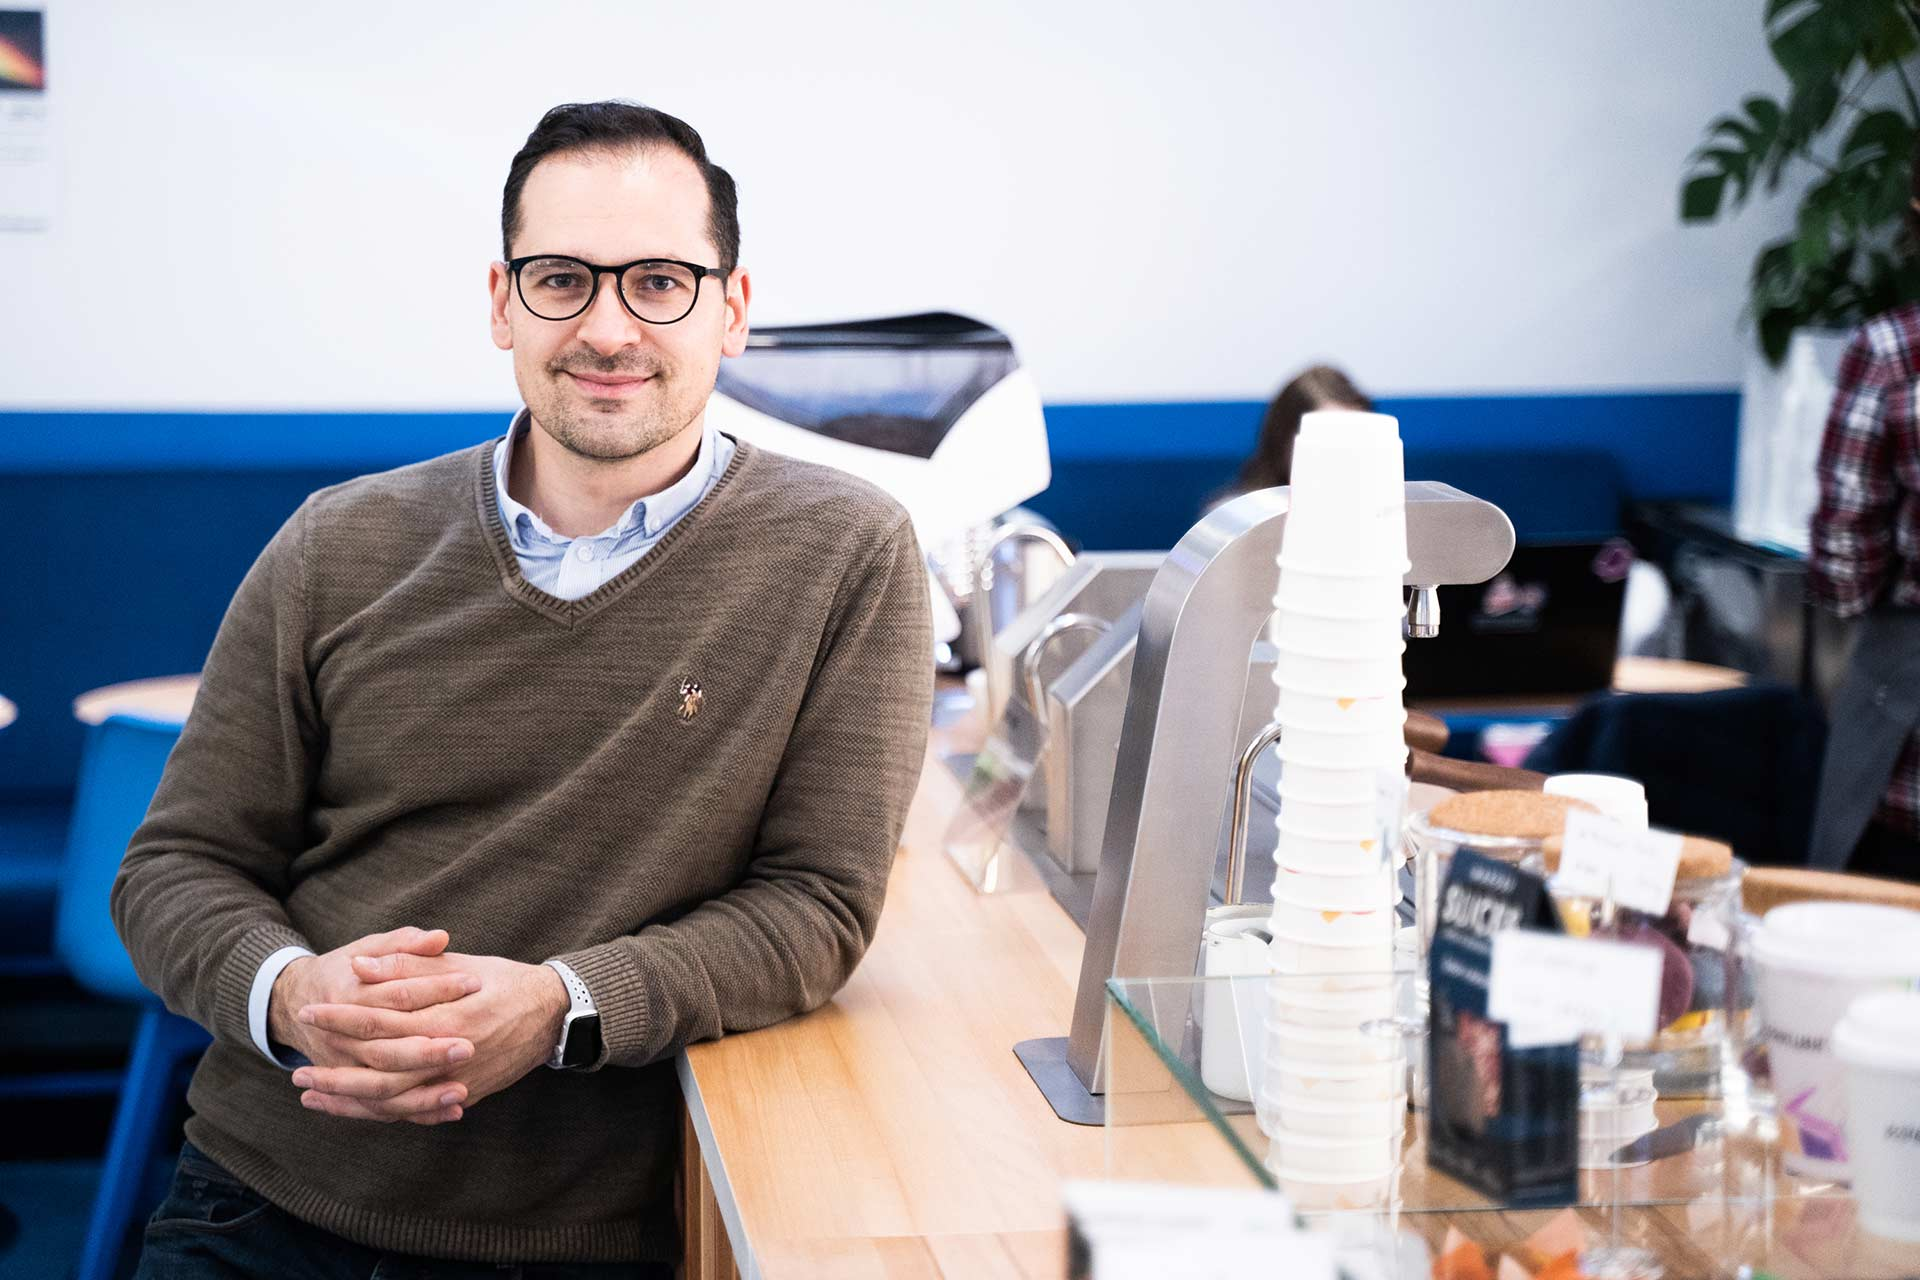 Максим Завьялов. Опыт работы в сетевом кофейном бизнесе более 9 лет